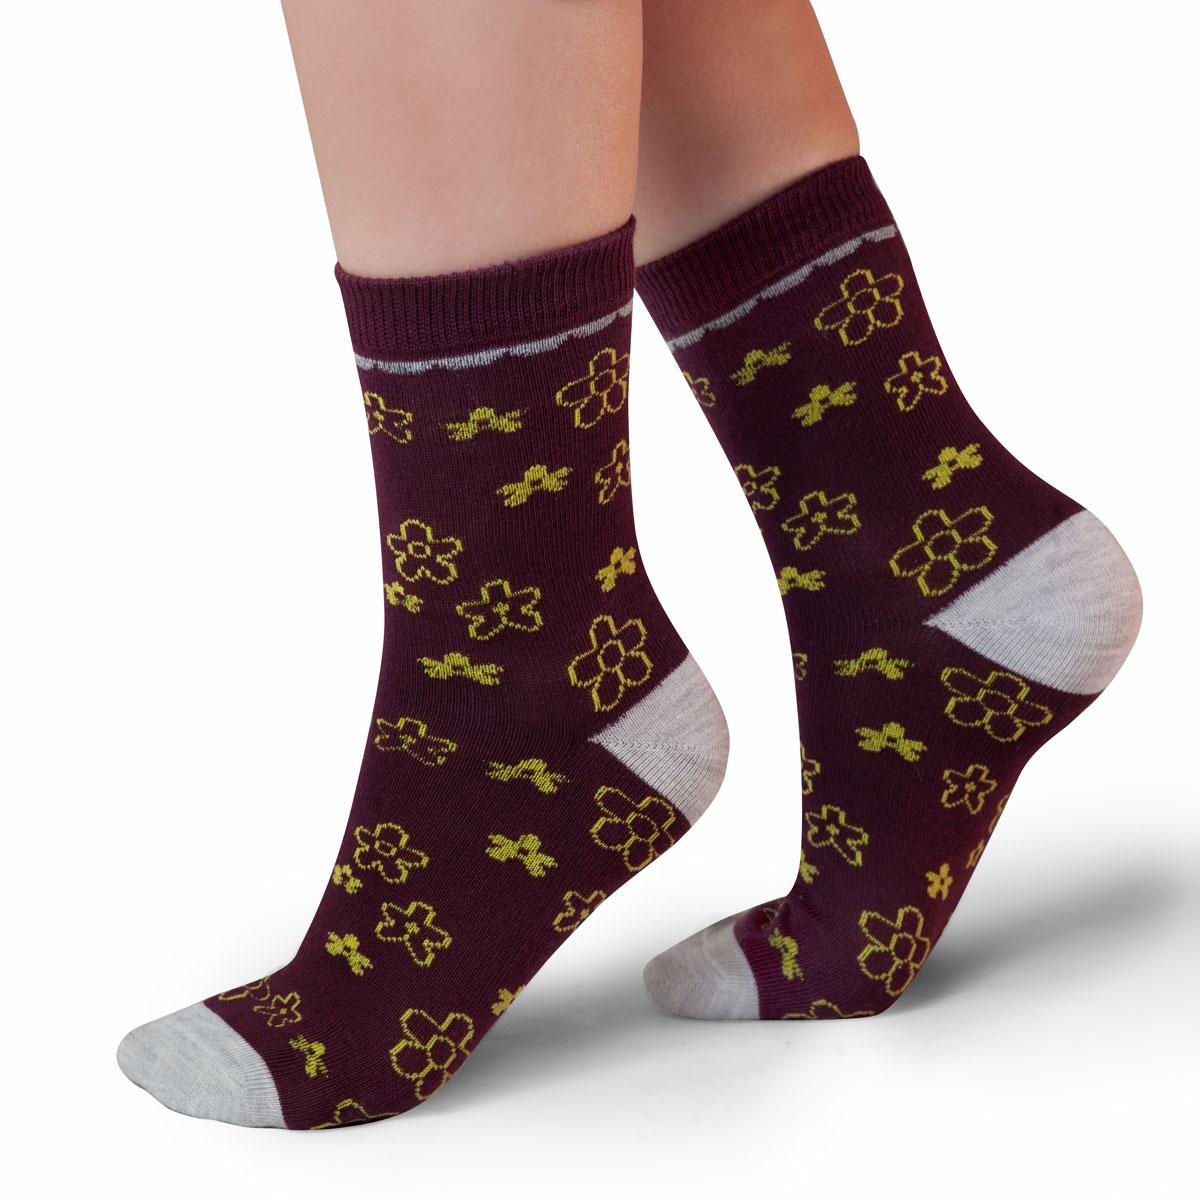 Носки для девочки Idilio, цвет: бордовый. SG12. Размер 27/29SG12Комфортные носки для девочек с добавлением экологически чистого хлопка, изготовленные без применения химических красителей.